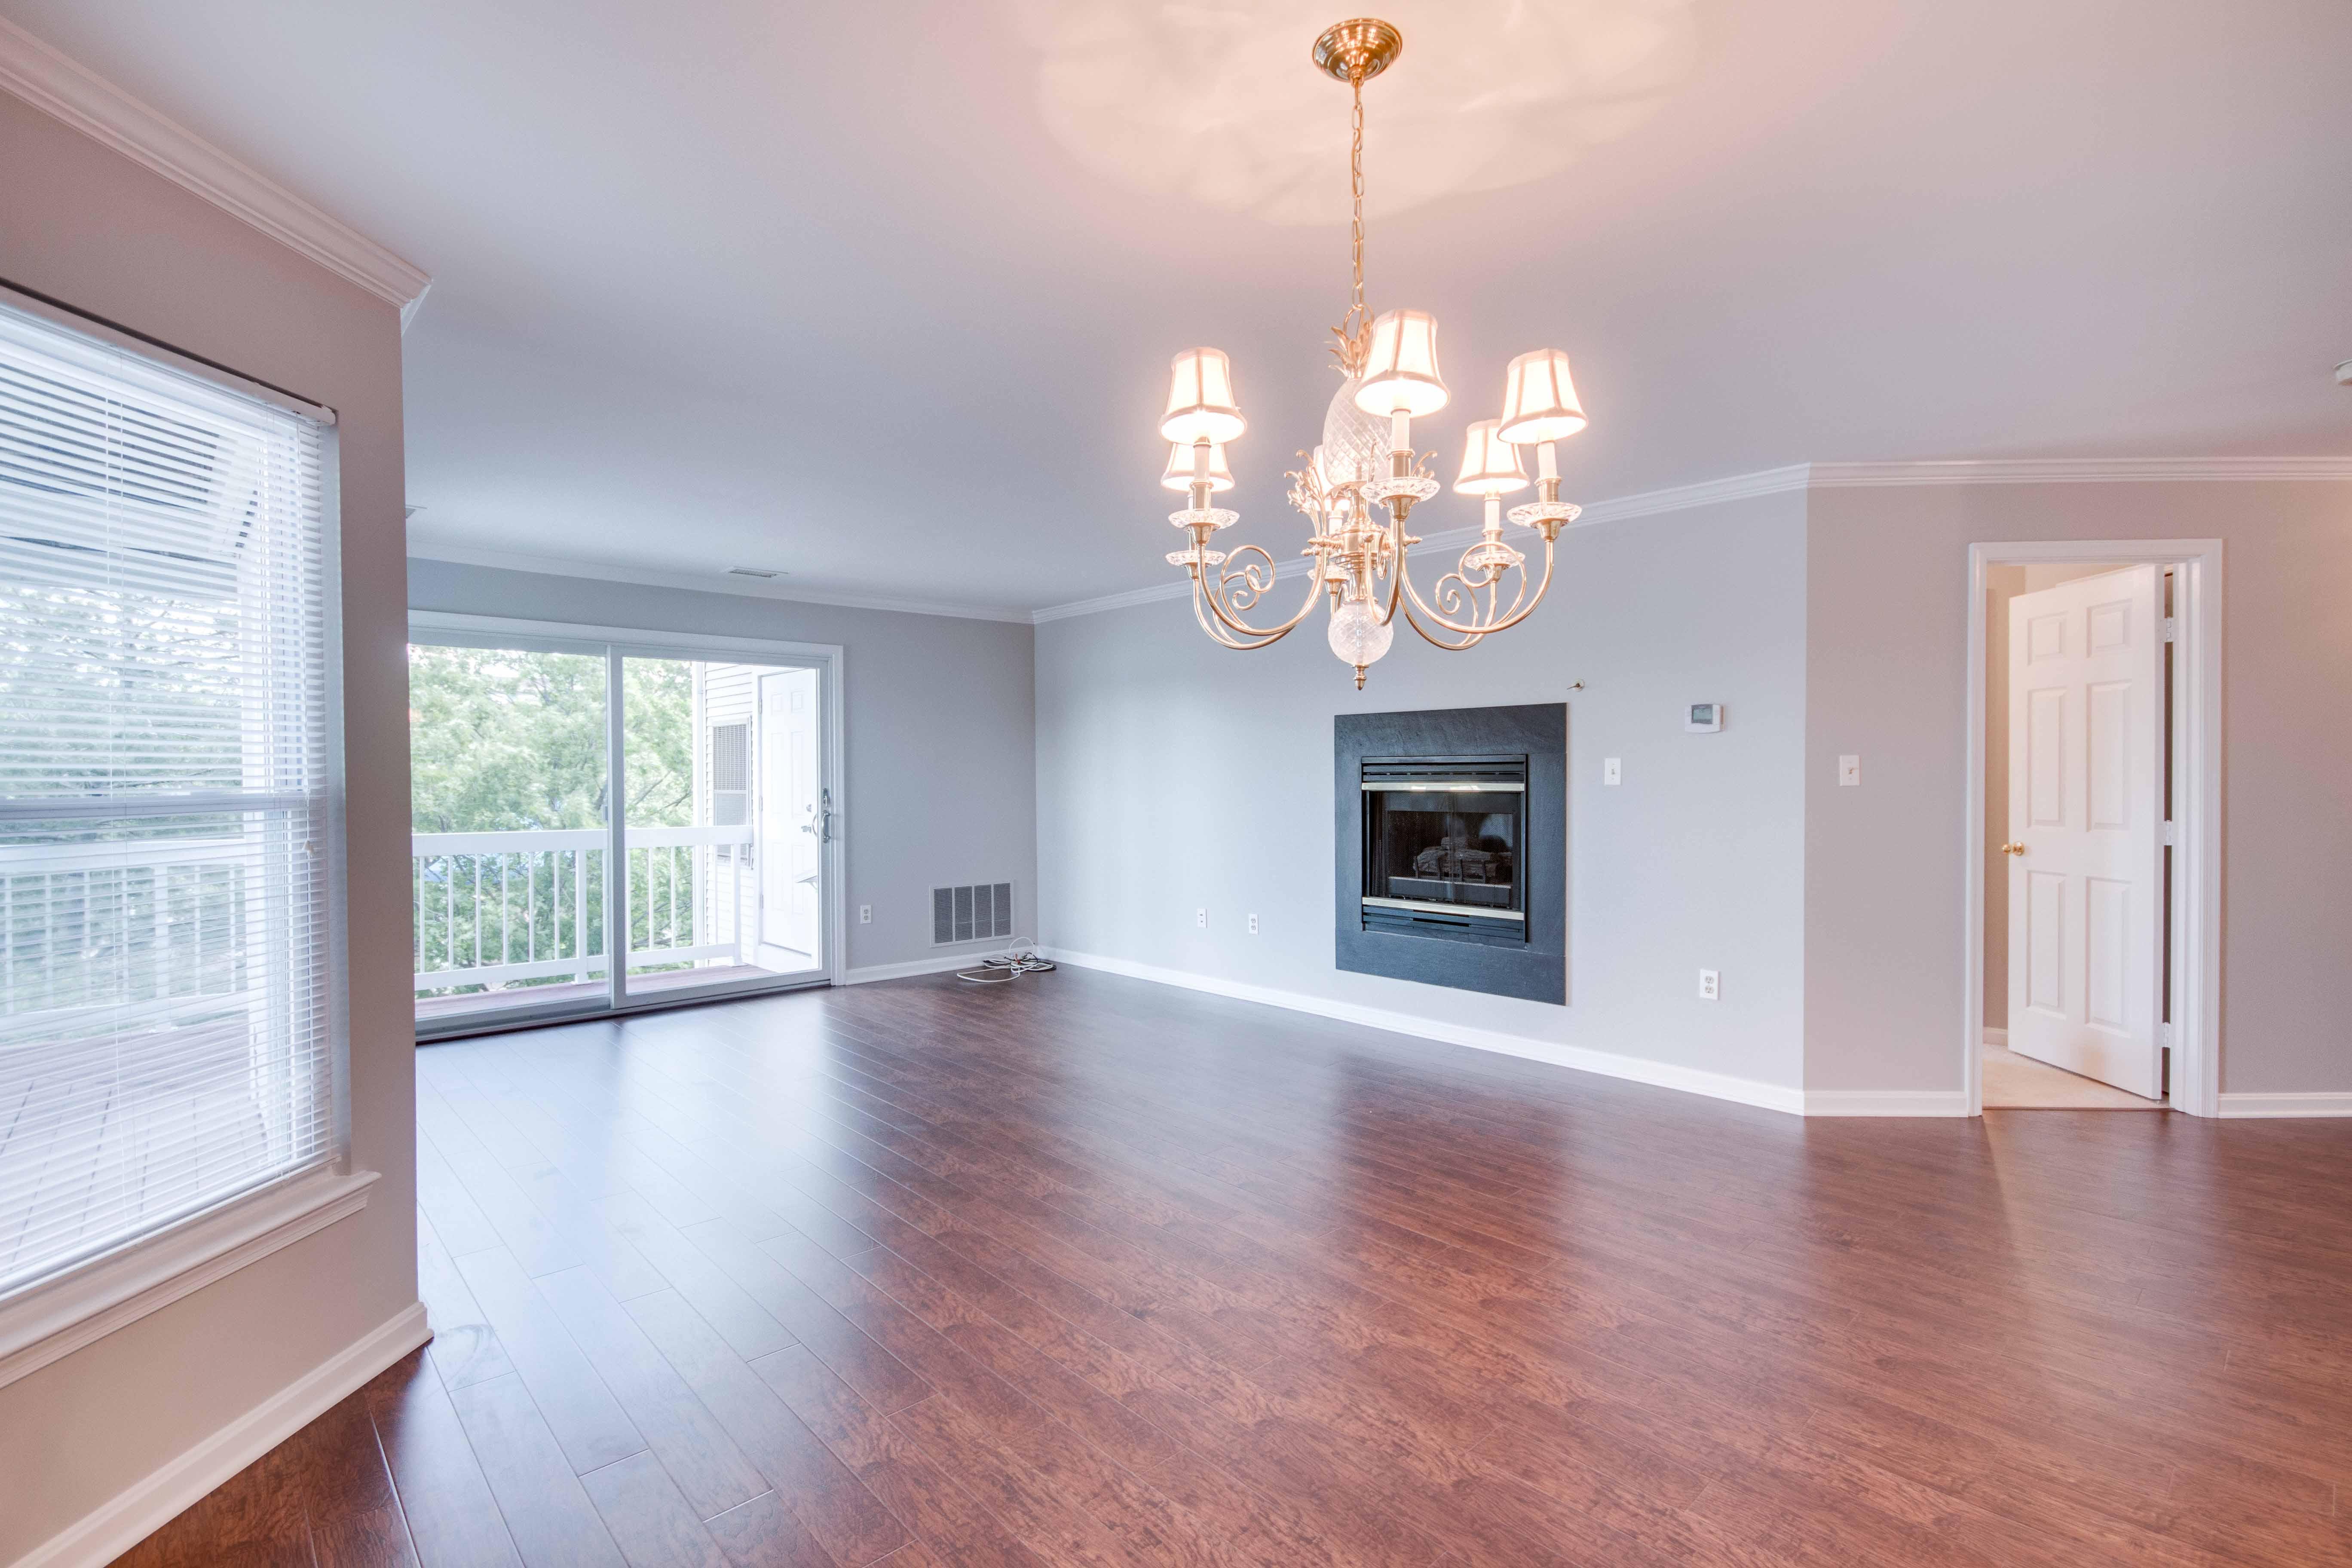 20576 Snowshoe Square #201, Ashburn, VA -  Living Room Area